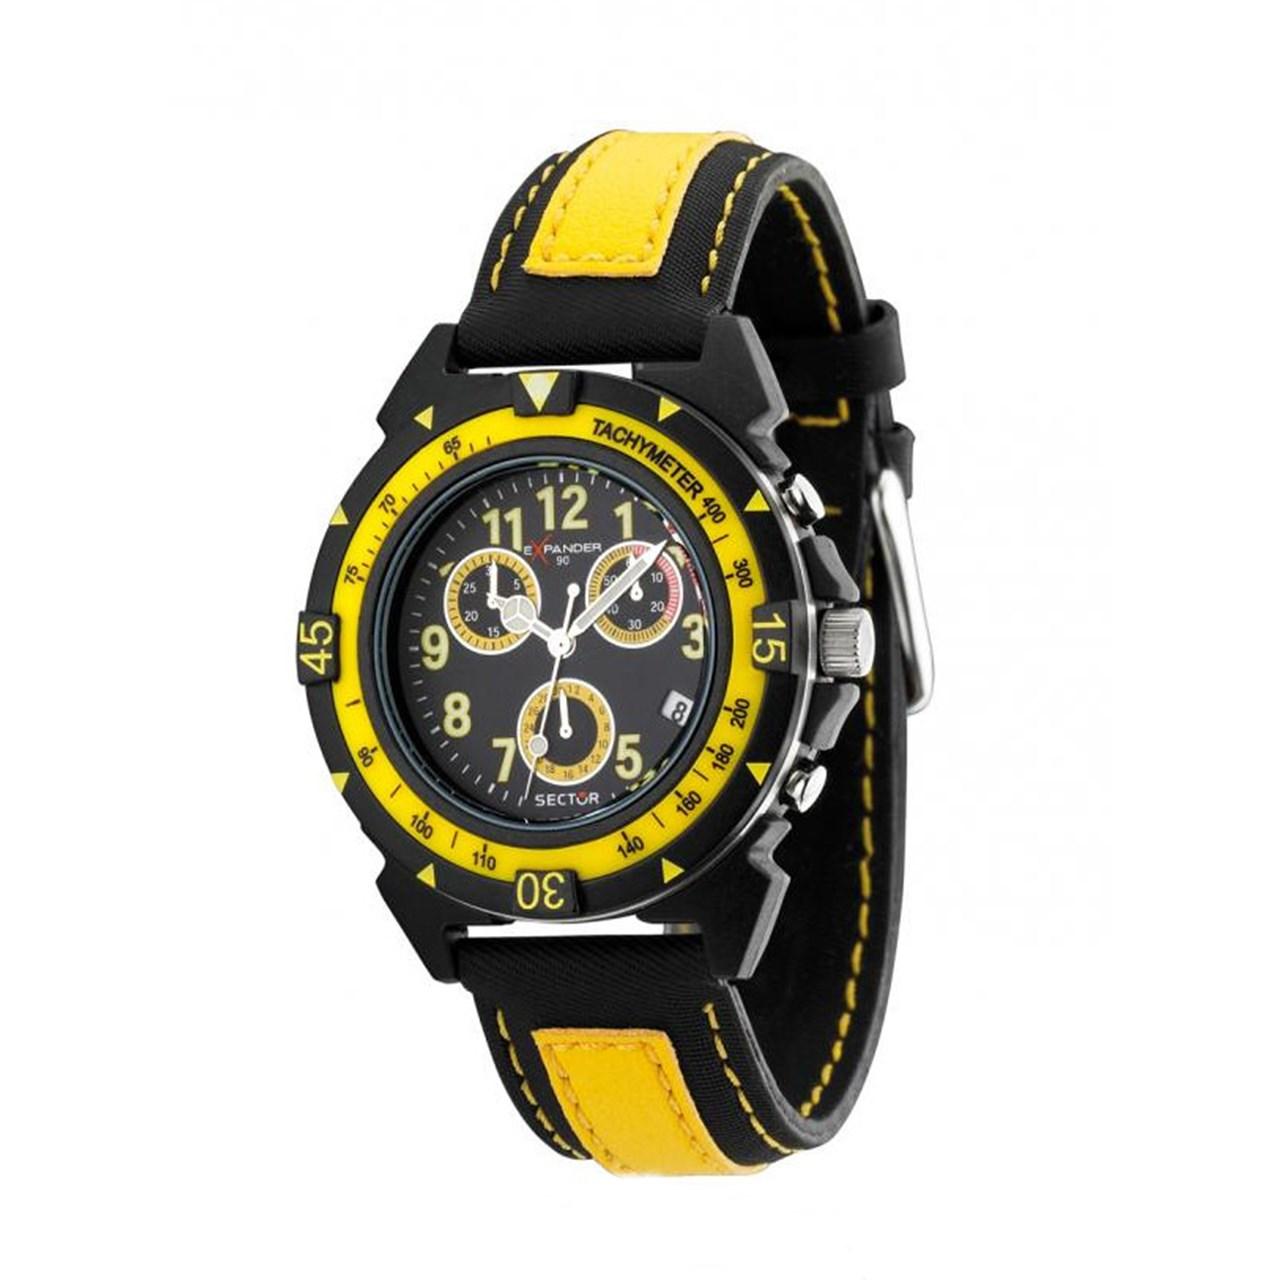 ساعت مچی عقربه ای  سکتور مدل اکسپندر 90 -3271697027 53